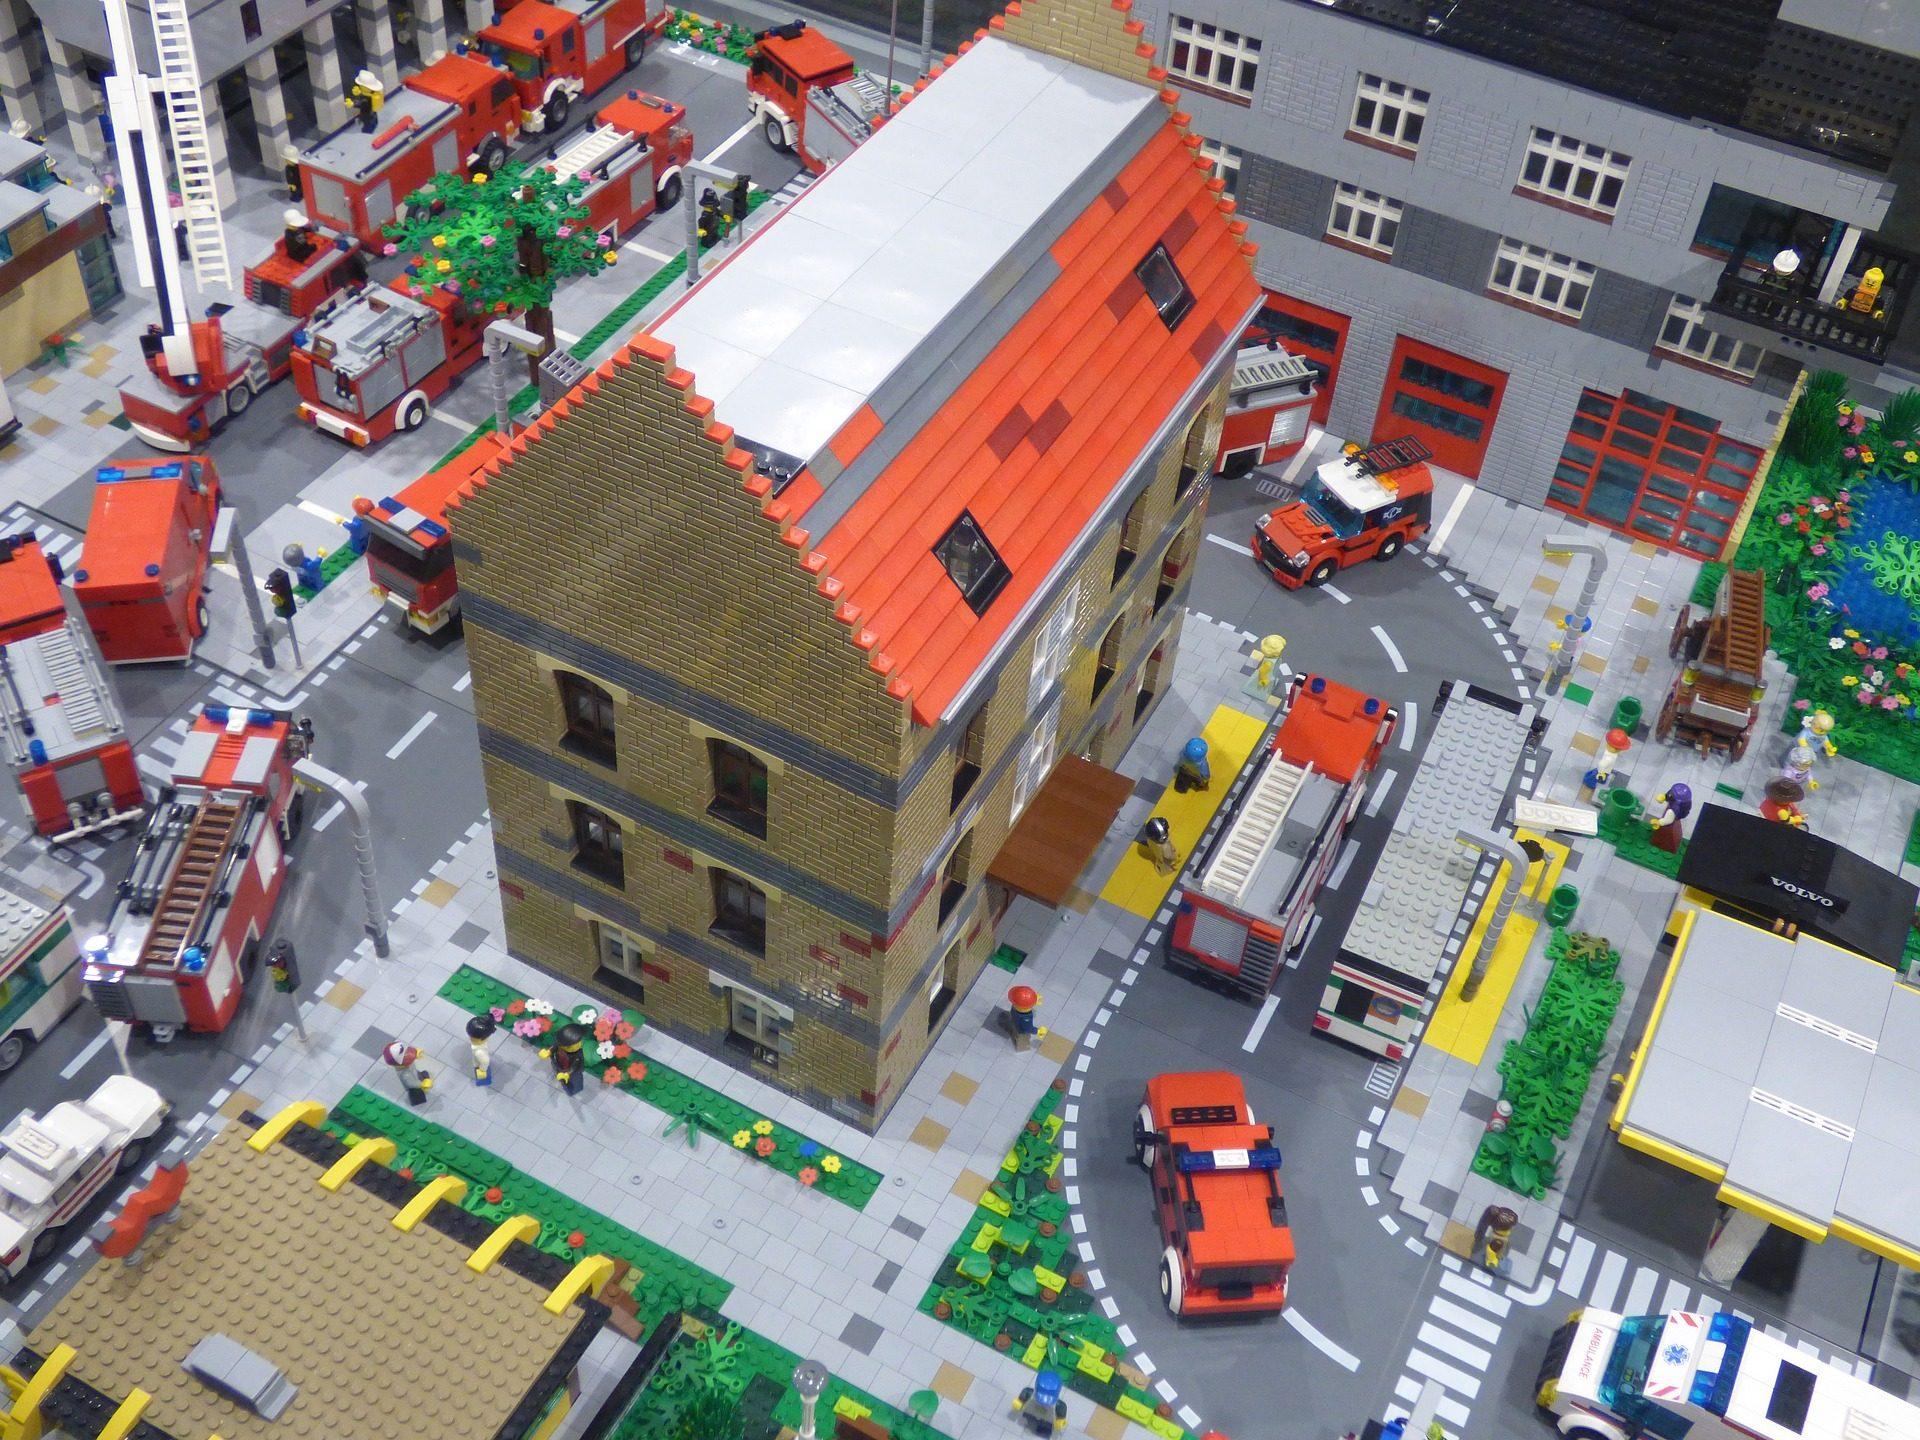 Игрушки, строительство, Куклы, Автомобили, Дом, блоки, LEGO - Обои HD - Профессор falken.com